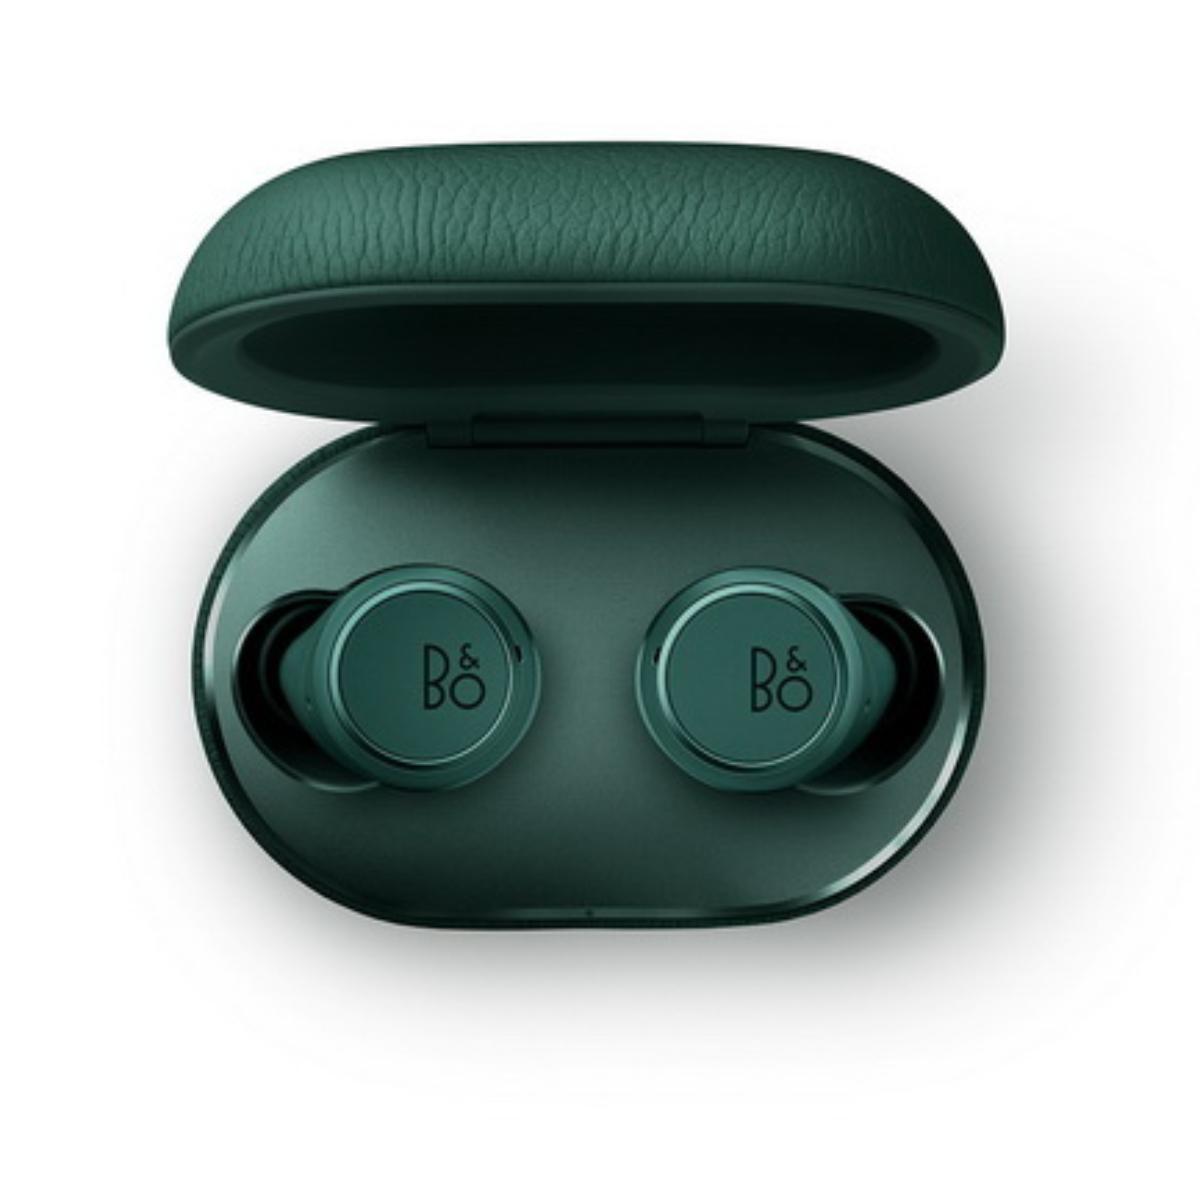 หูฟังไร้สาย (สีเขียว) รุ่น E8 3RD GEN-GRN